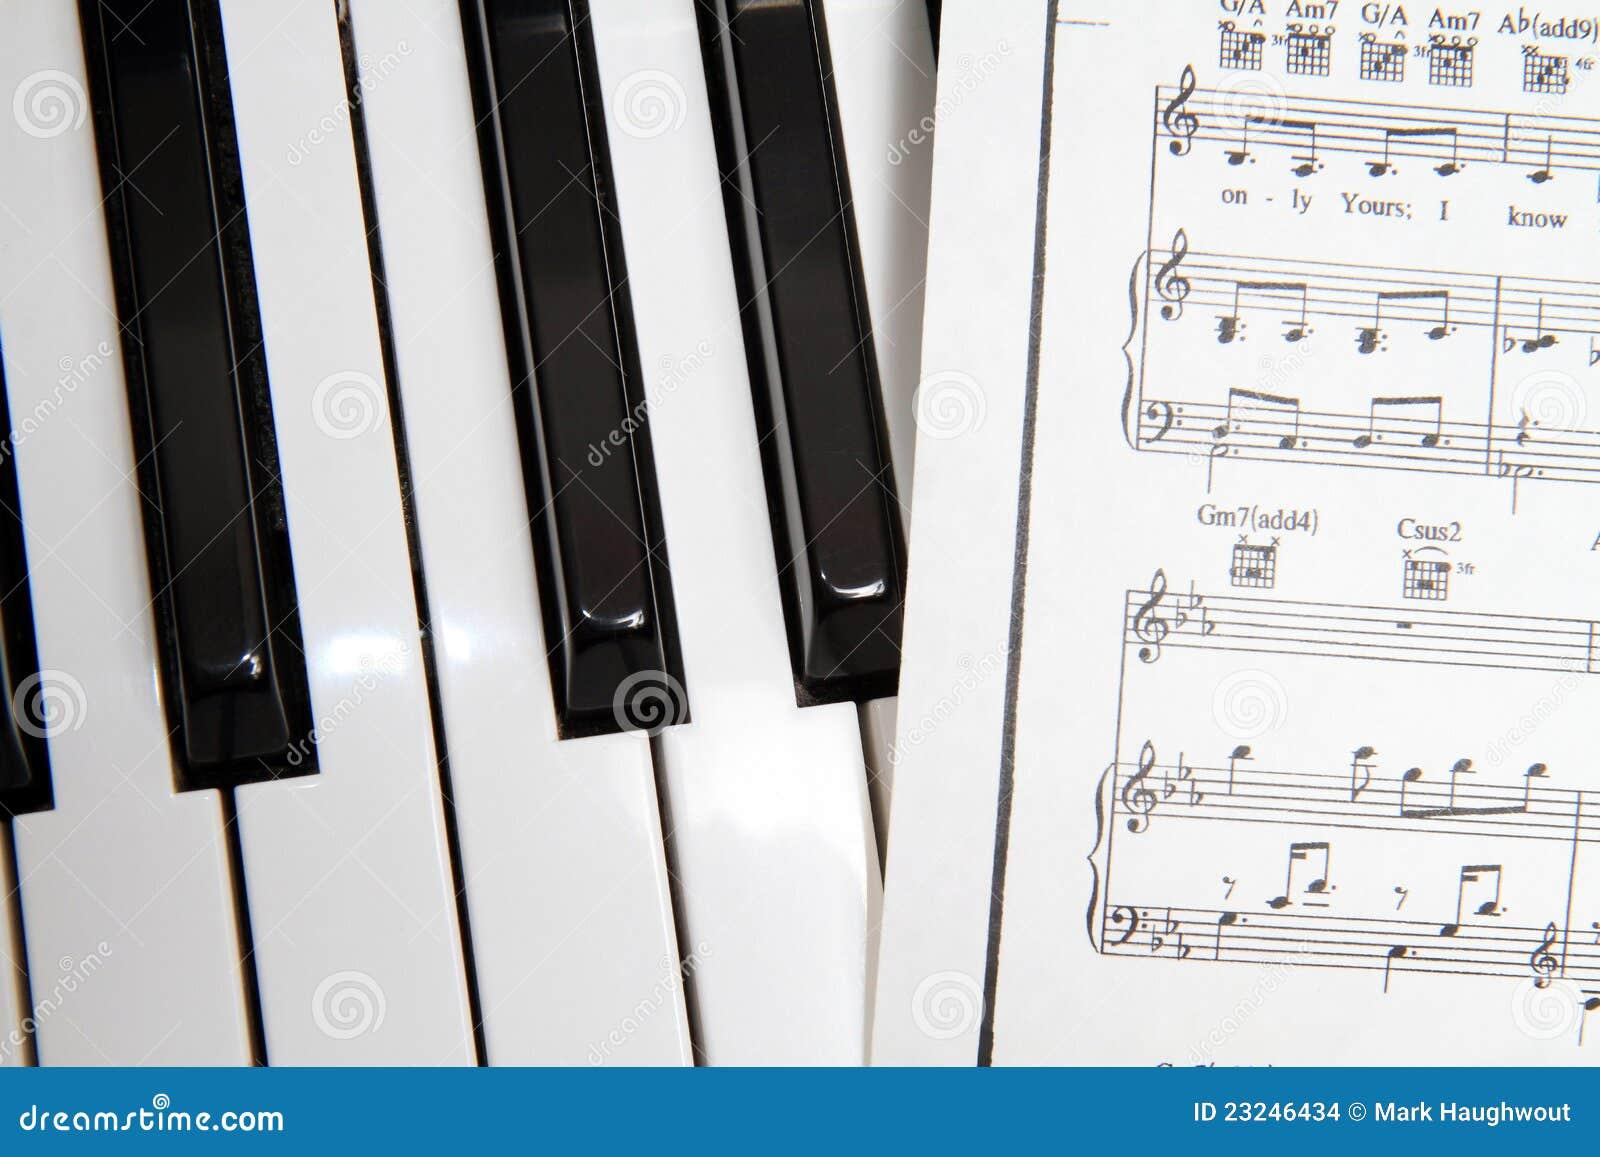 Piano Keys Stock Photo Image Of Black Sheet Piano 23246434